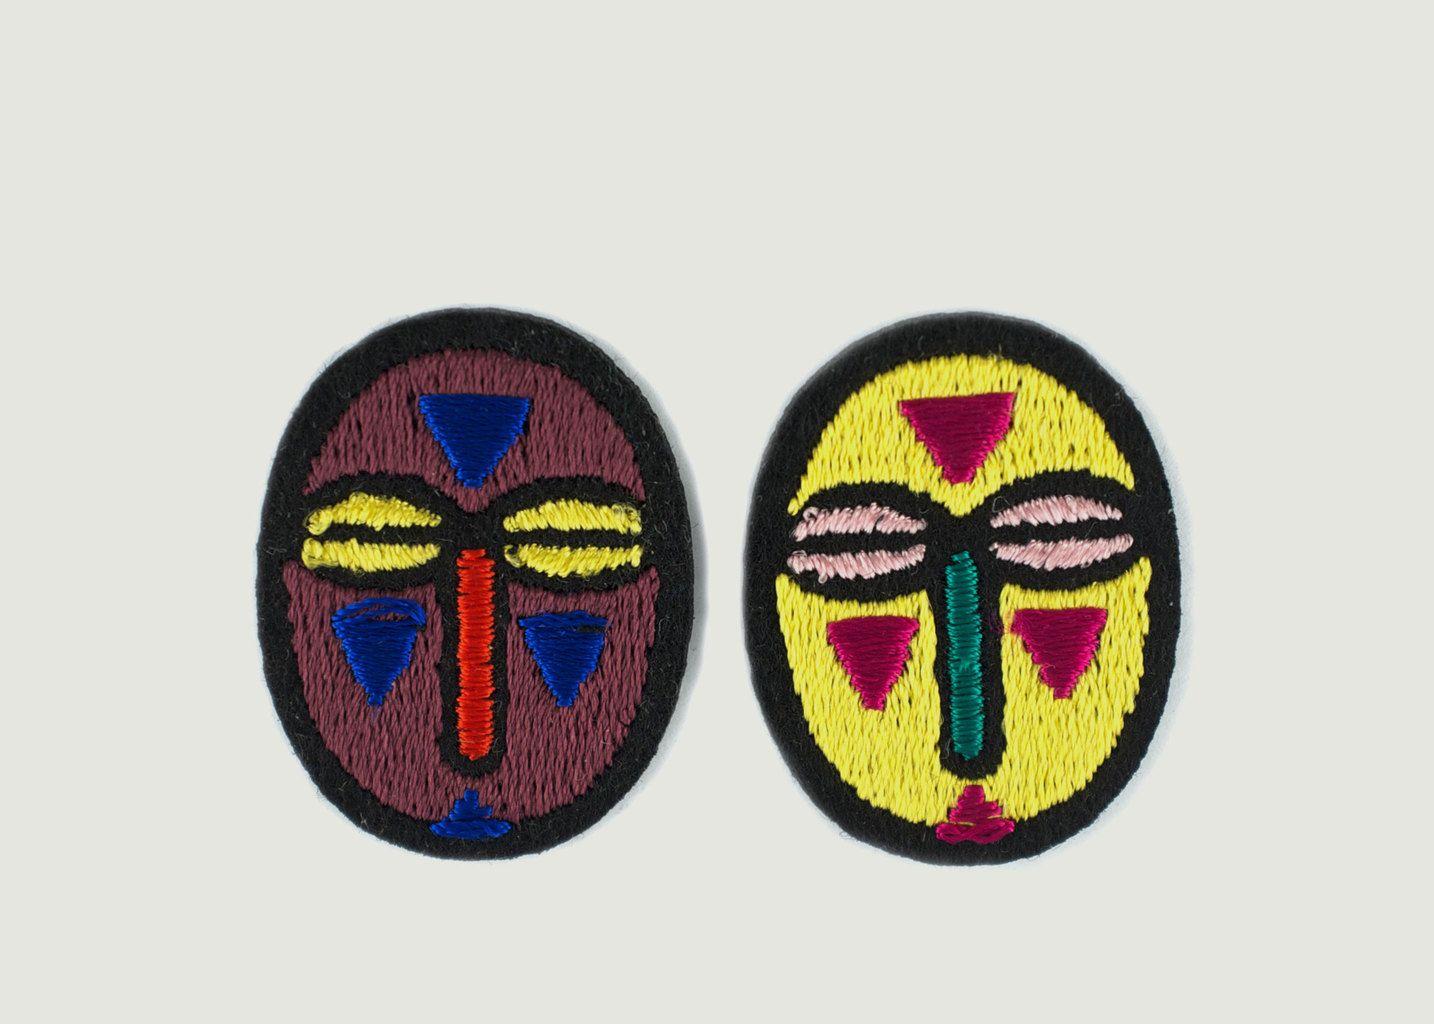 Lot De 2 Mini Écussons Masques - Macon & Lesquoy